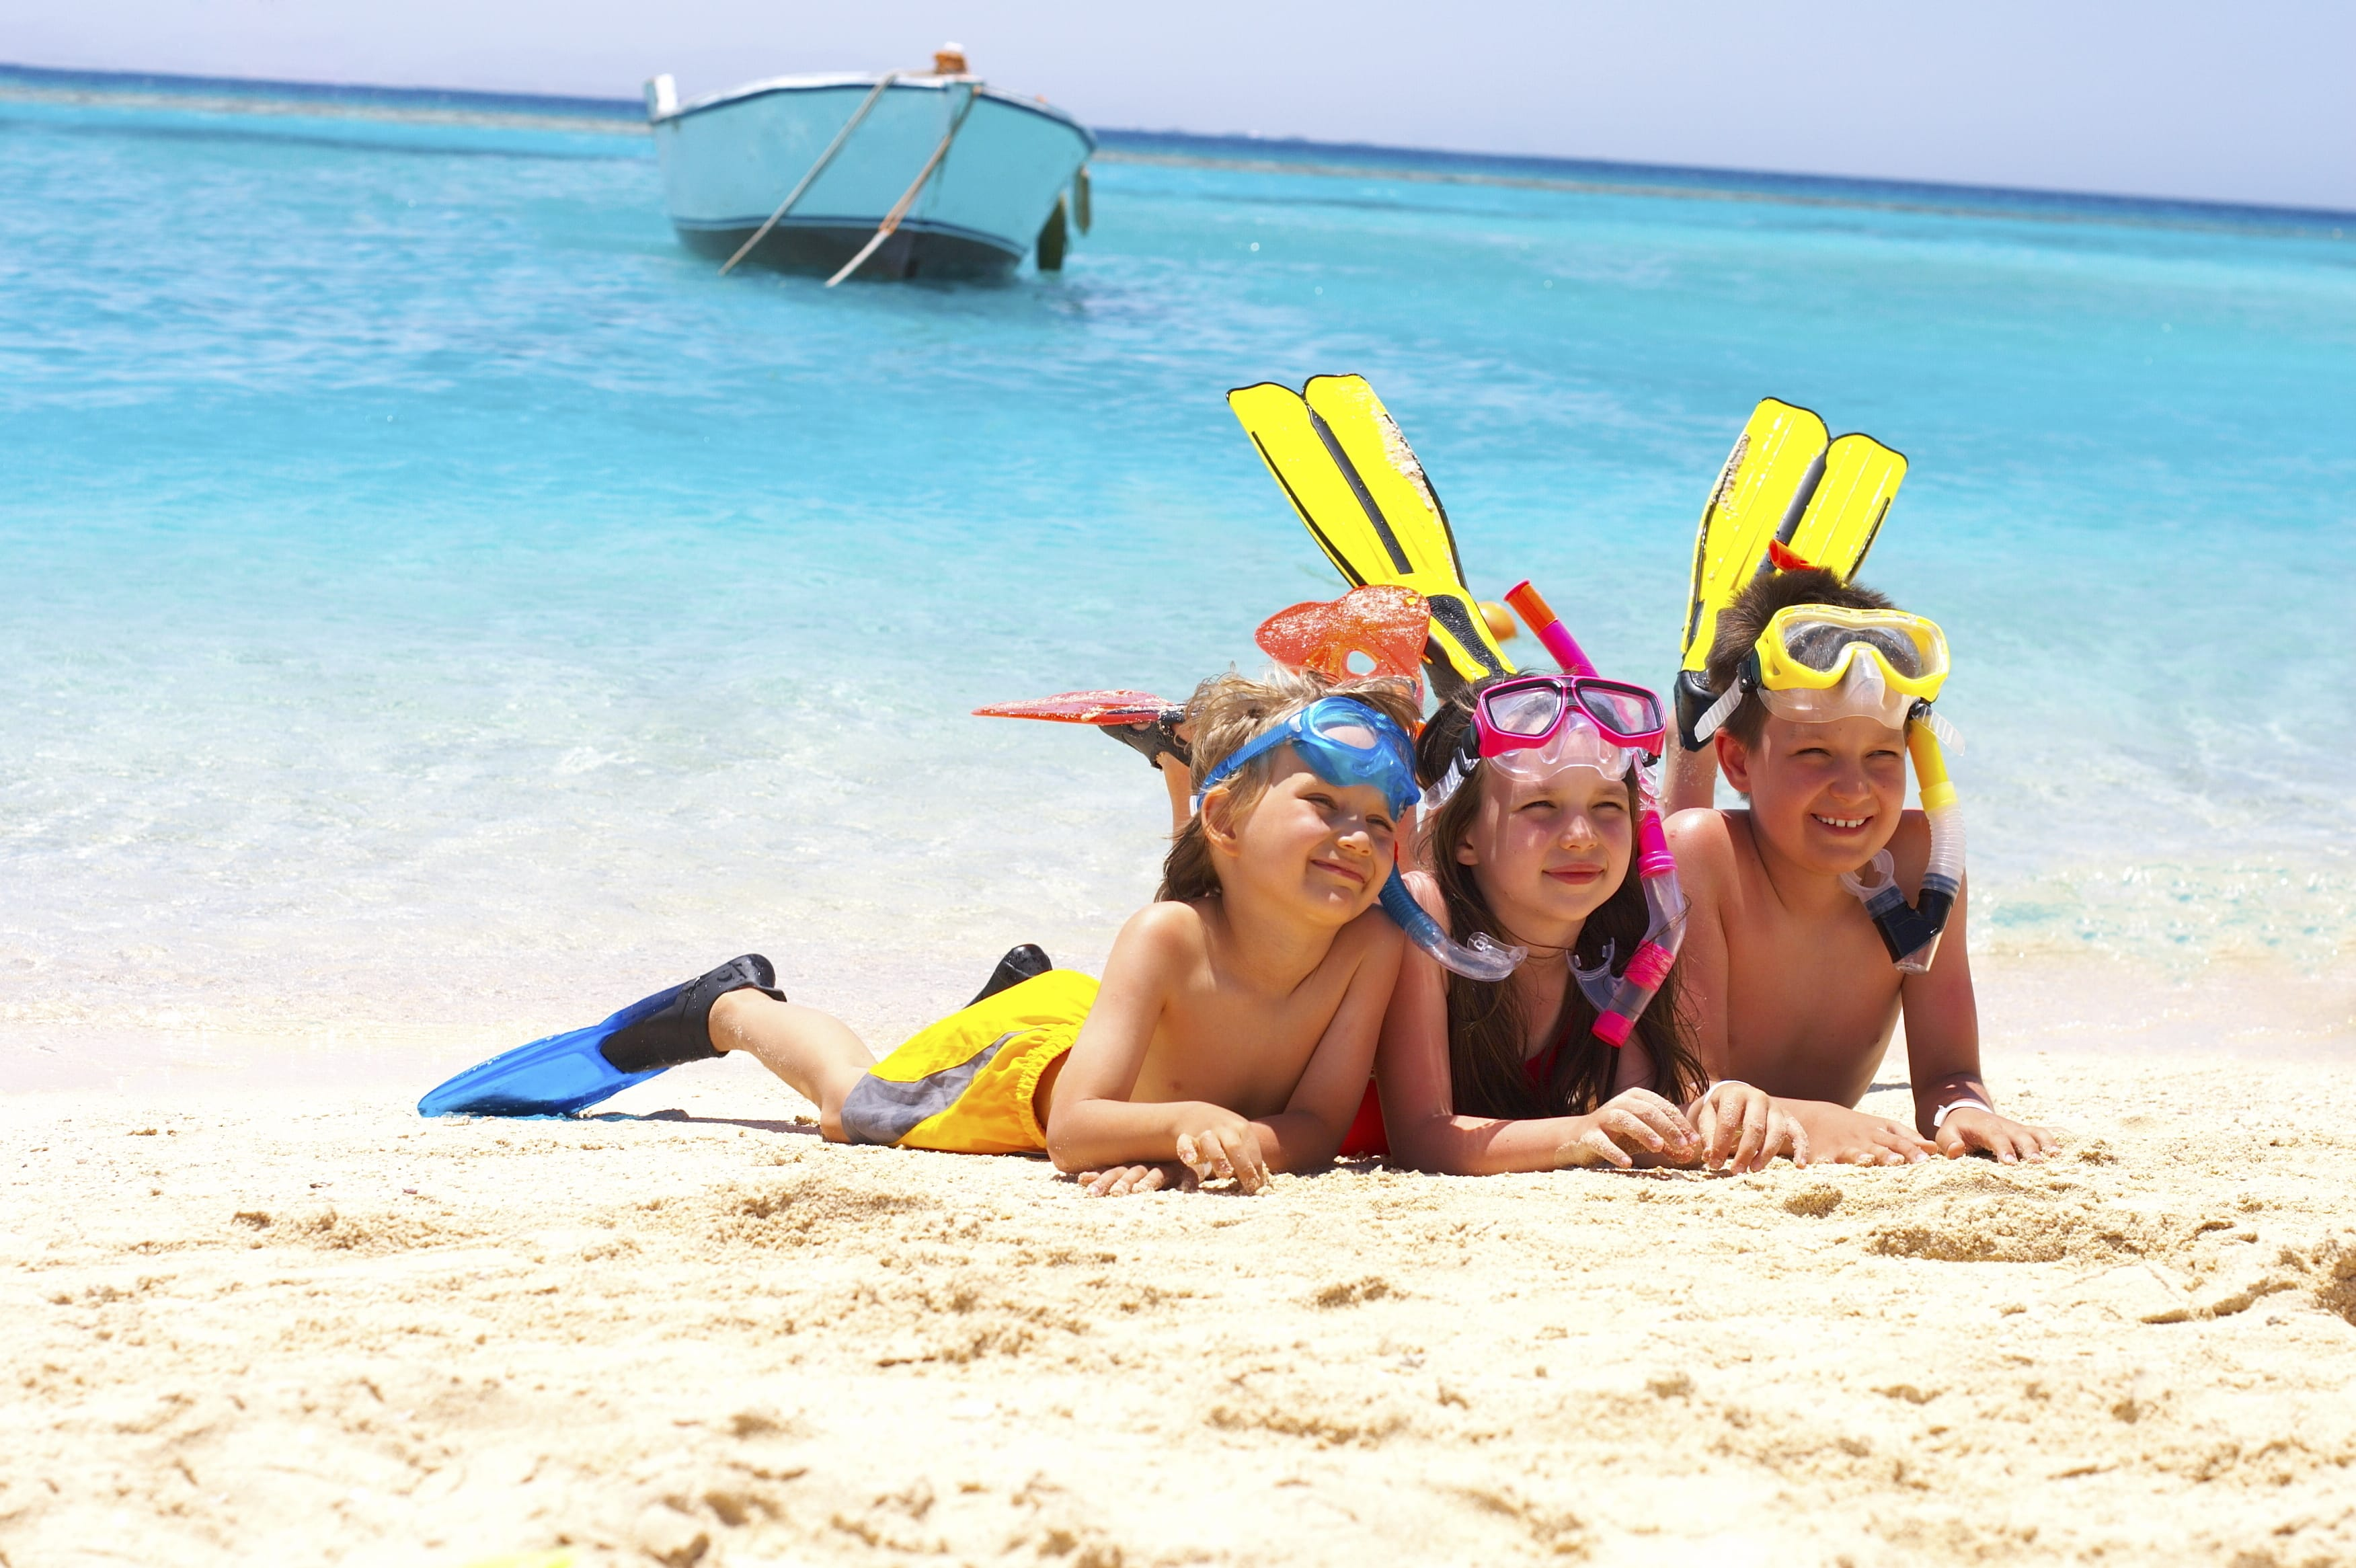 Foto Divertenti Bambini Al Mare bambini e bagno al mare: come divertirsi in tutta sicurezza